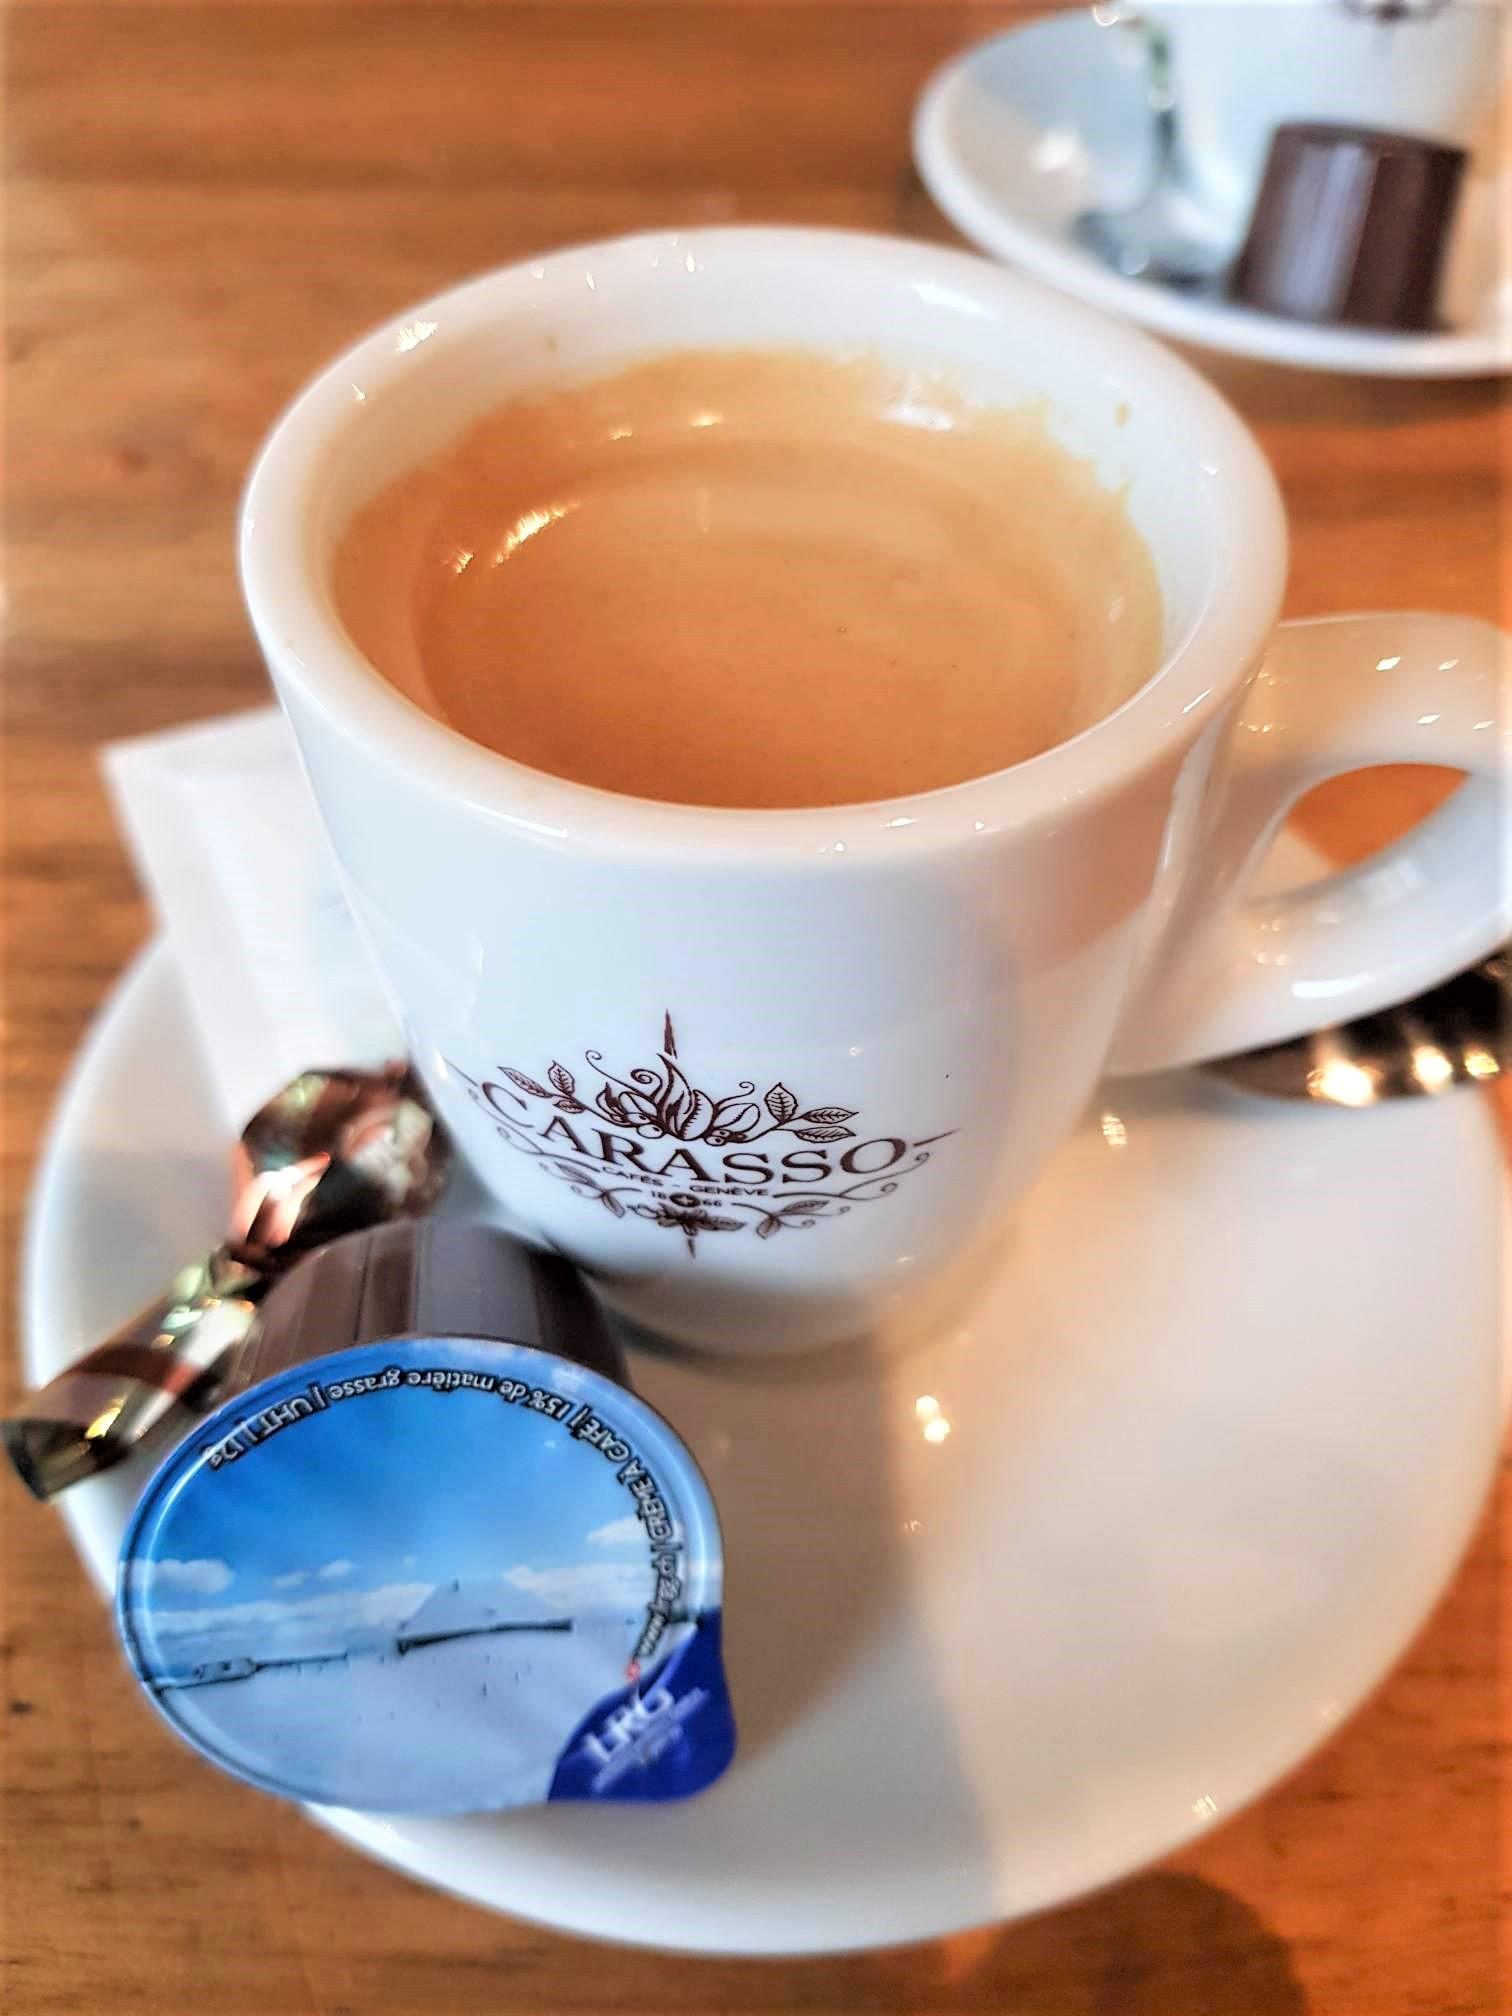 café-creme-suisse-genève-clioandco-blog-voyage-les-différences-france-suisse